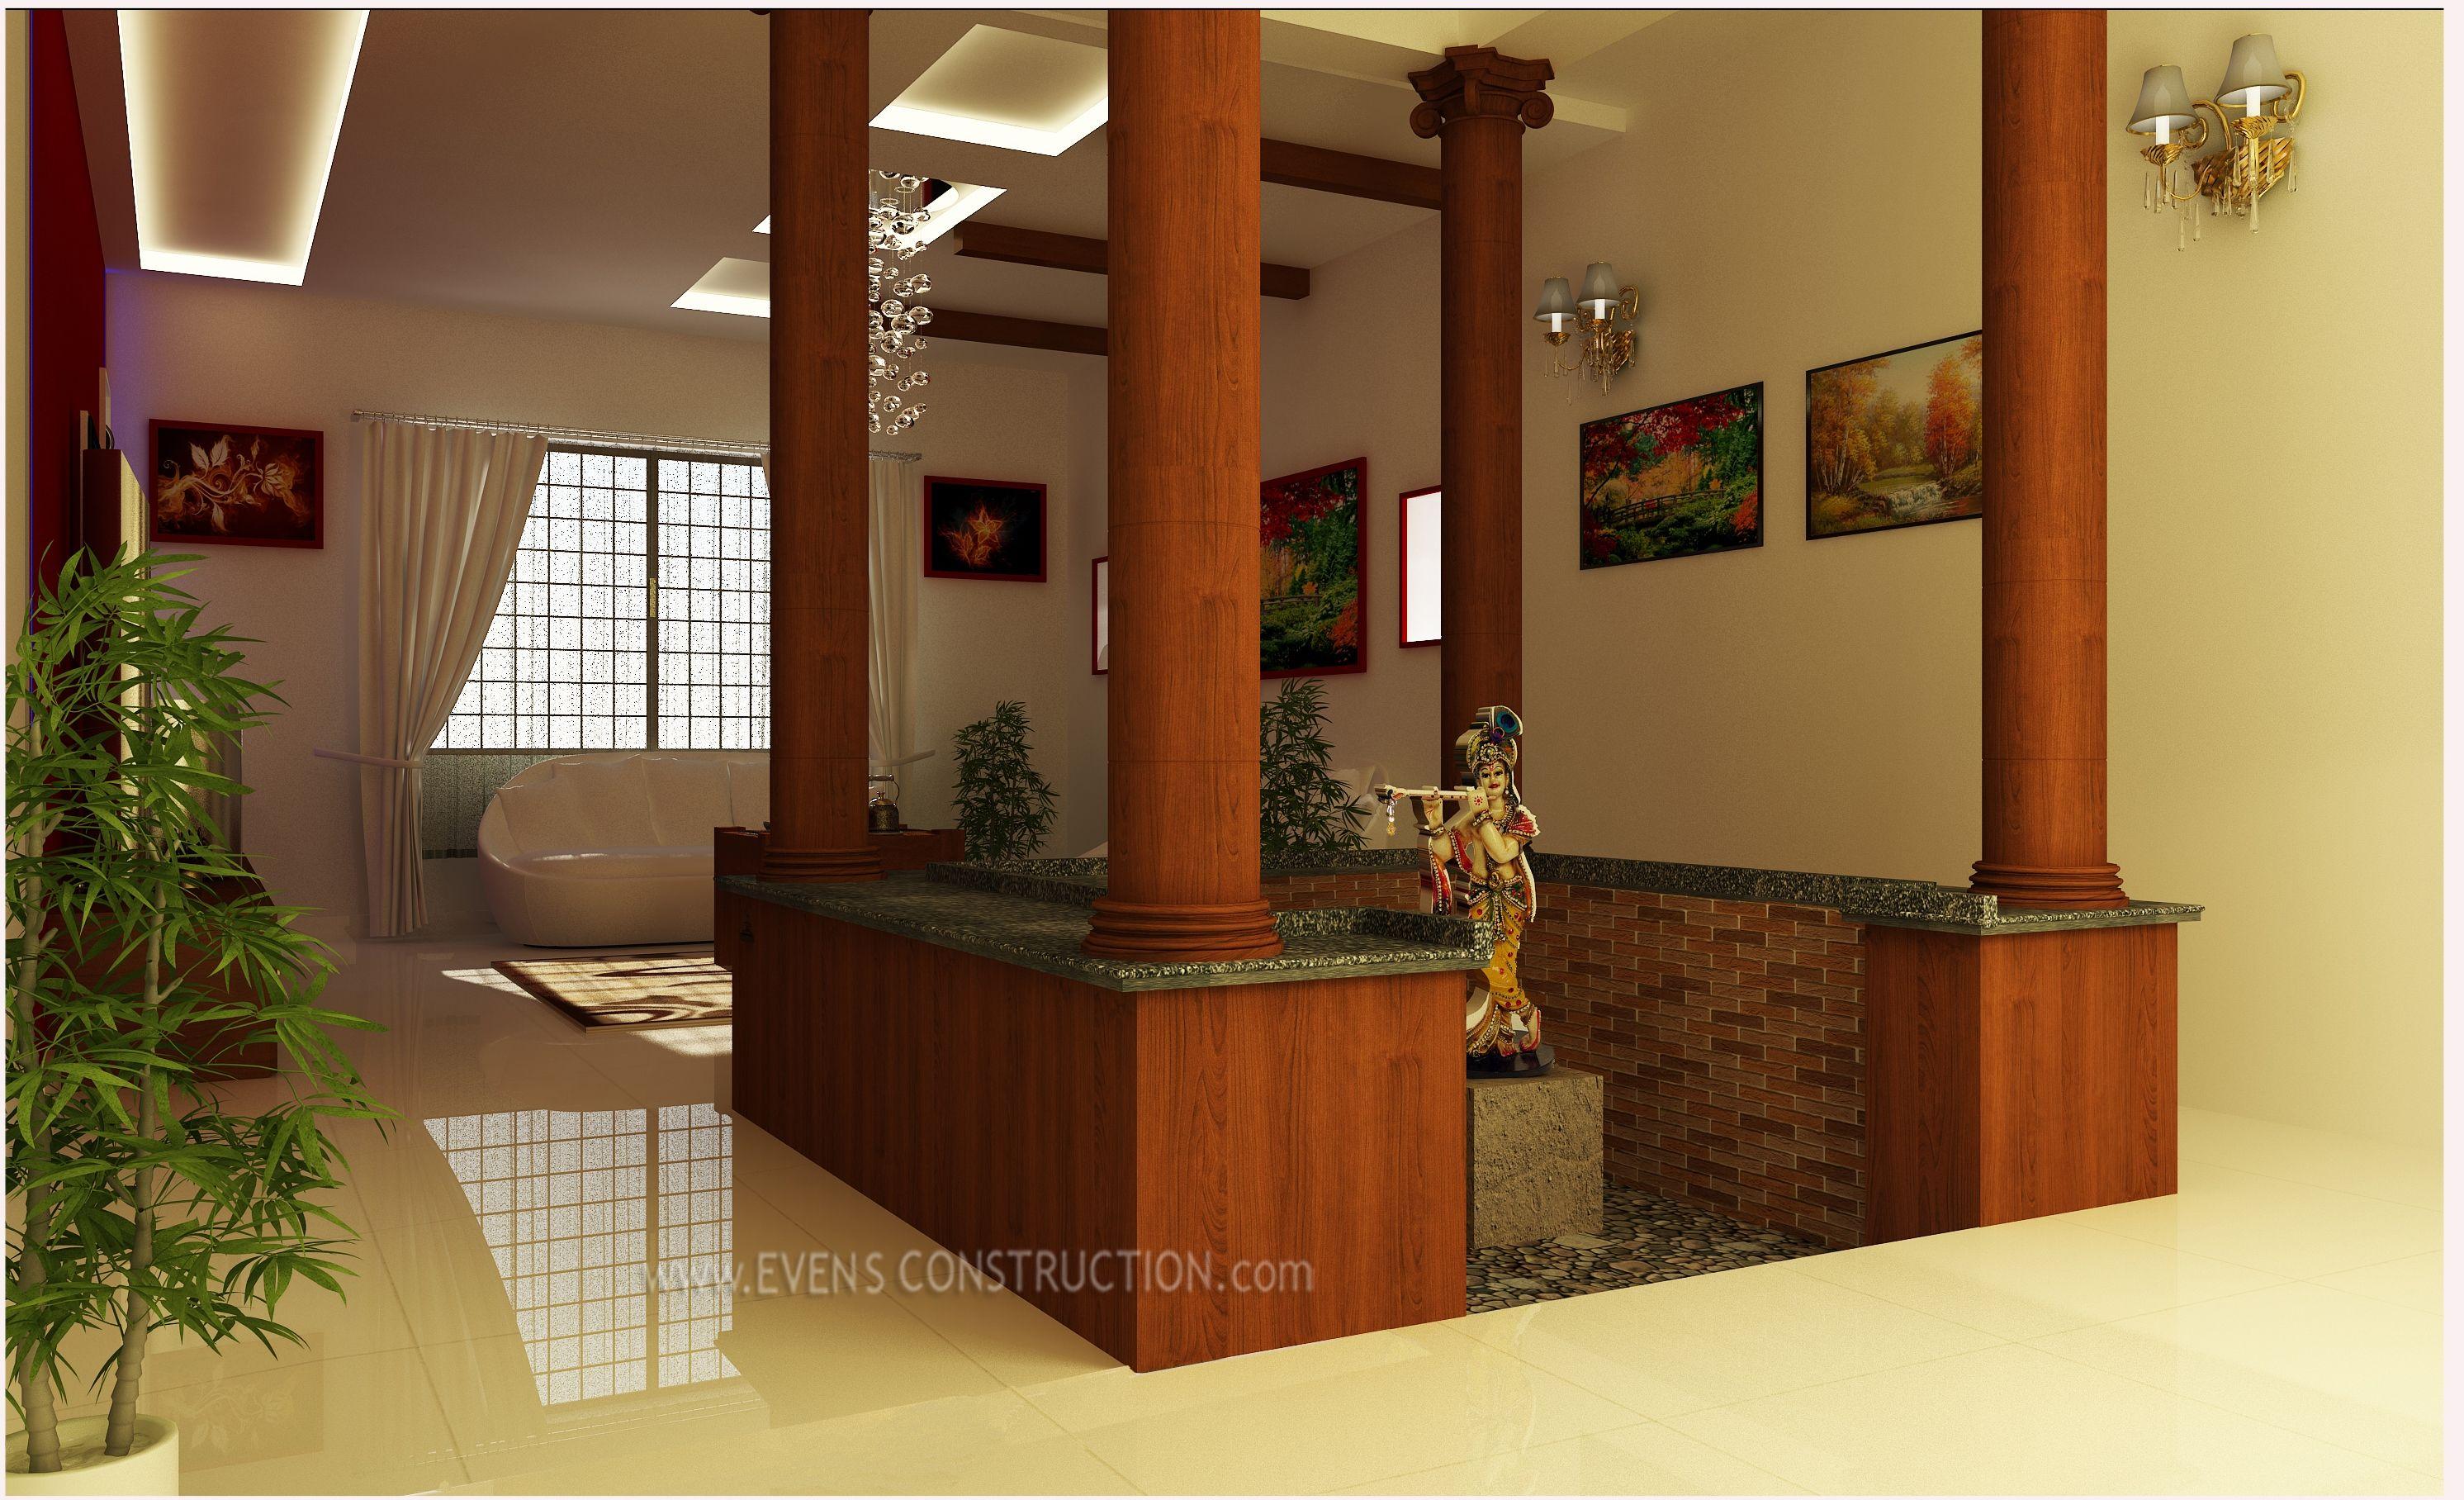 Pin On Kerala Home Designs